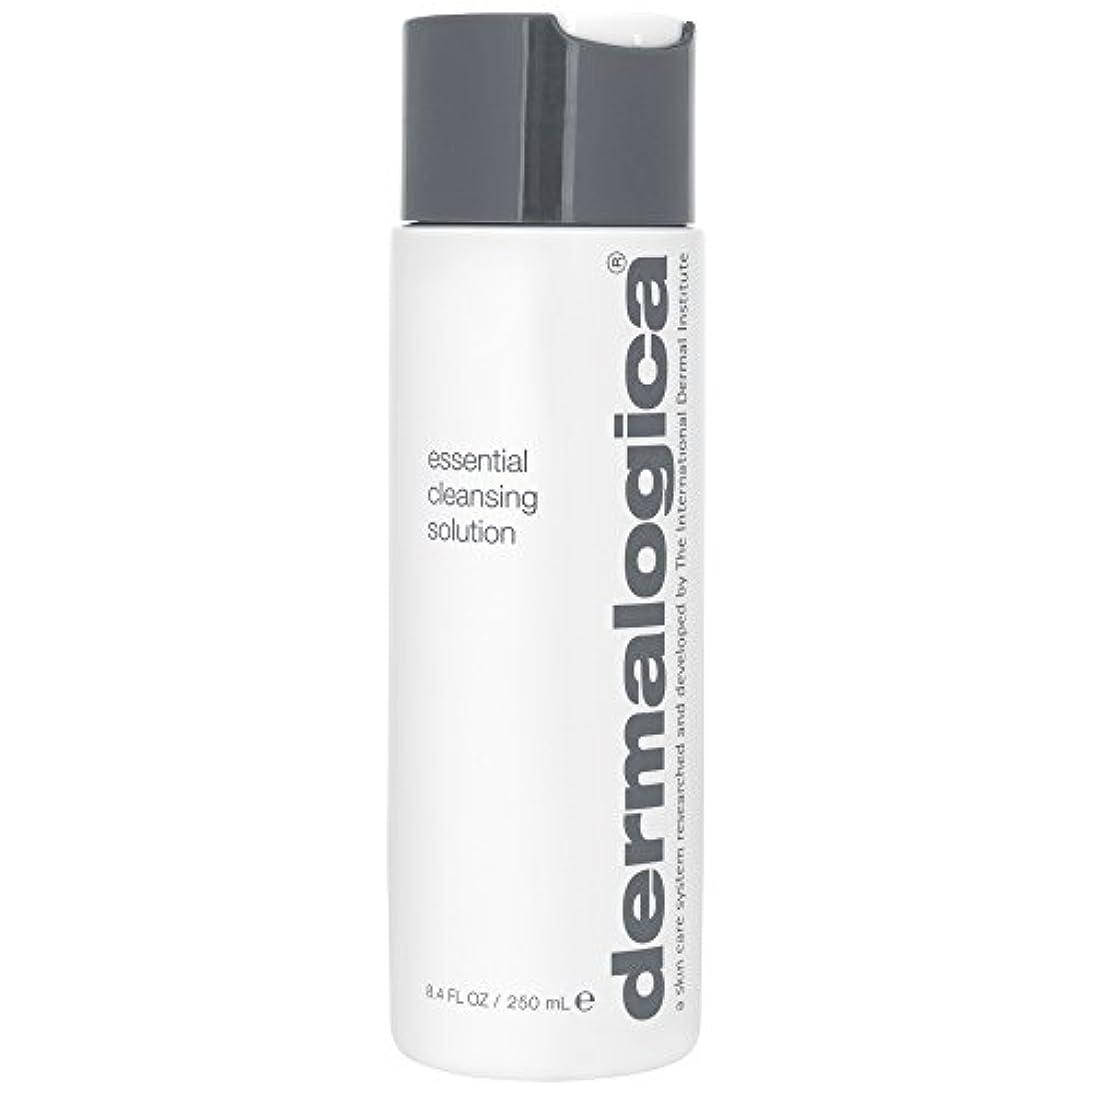 不毛の毒使い込むダーマロジカ不可欠な洗浄液の250ミリリットル (Dermalogica) - Dermalogica Essential Cleansing Solution 250ml [並行輸入品]